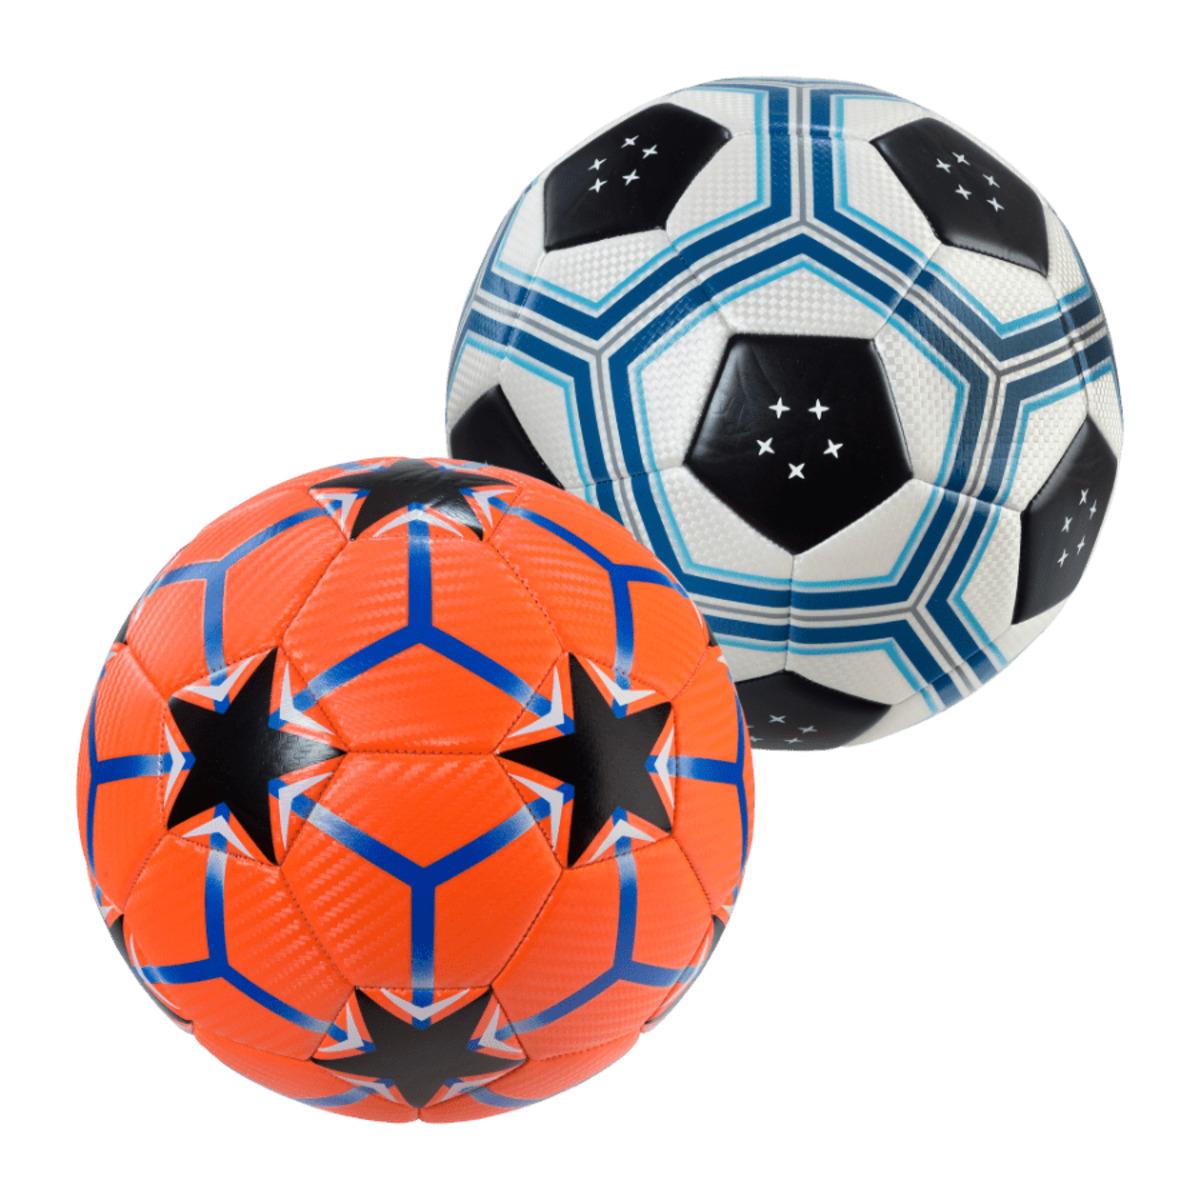 Bild 1 von ACTIVE TOUCH     Fußball